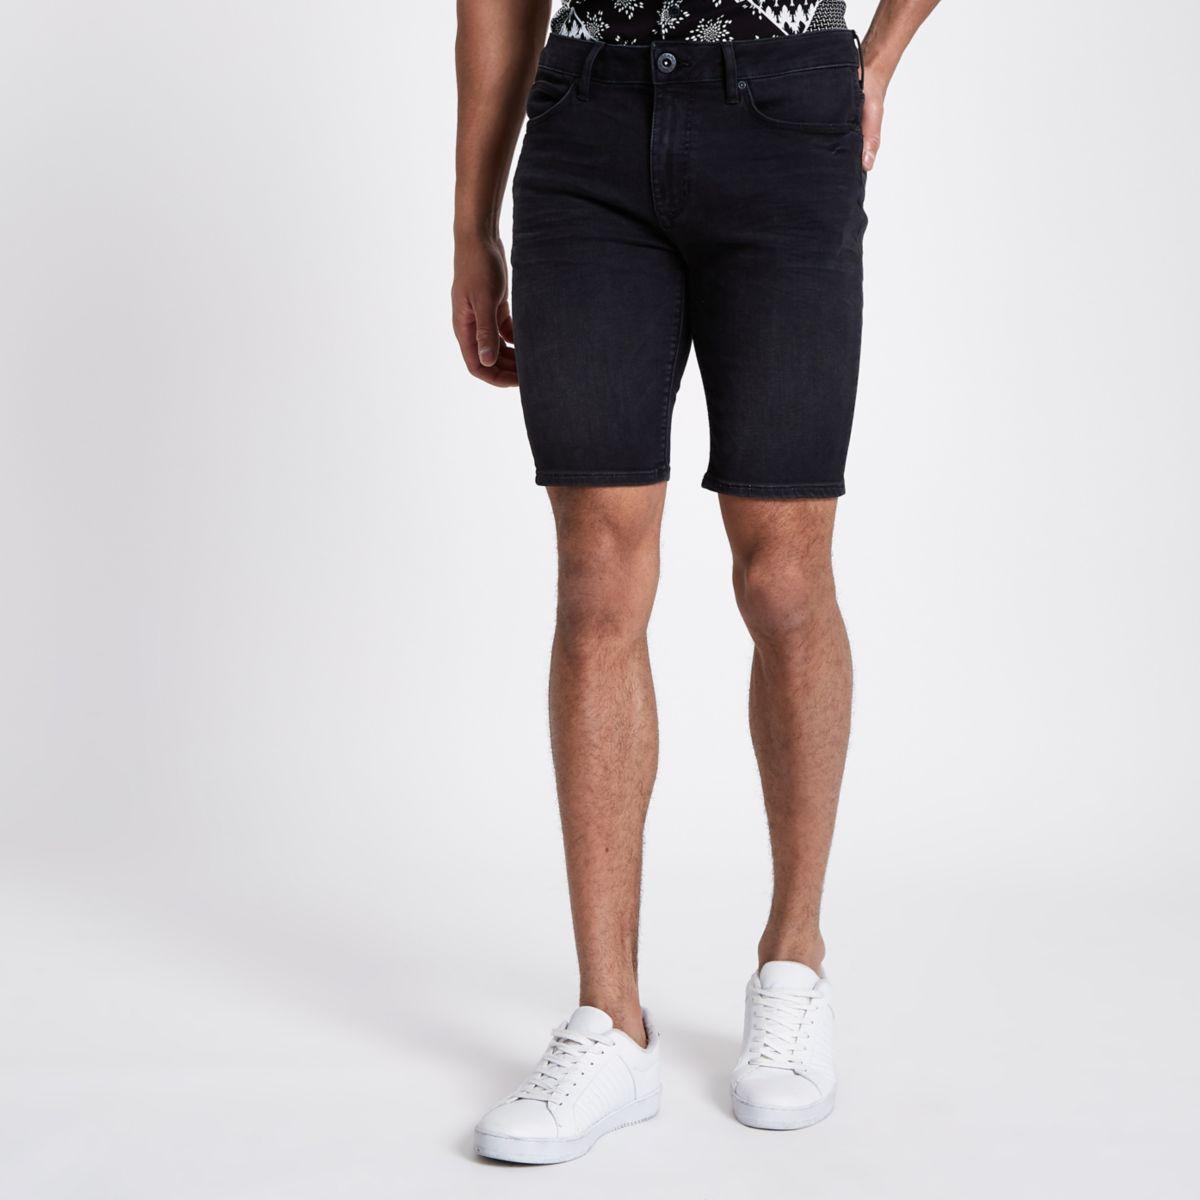 Black Ollie super skinny spray on shorts